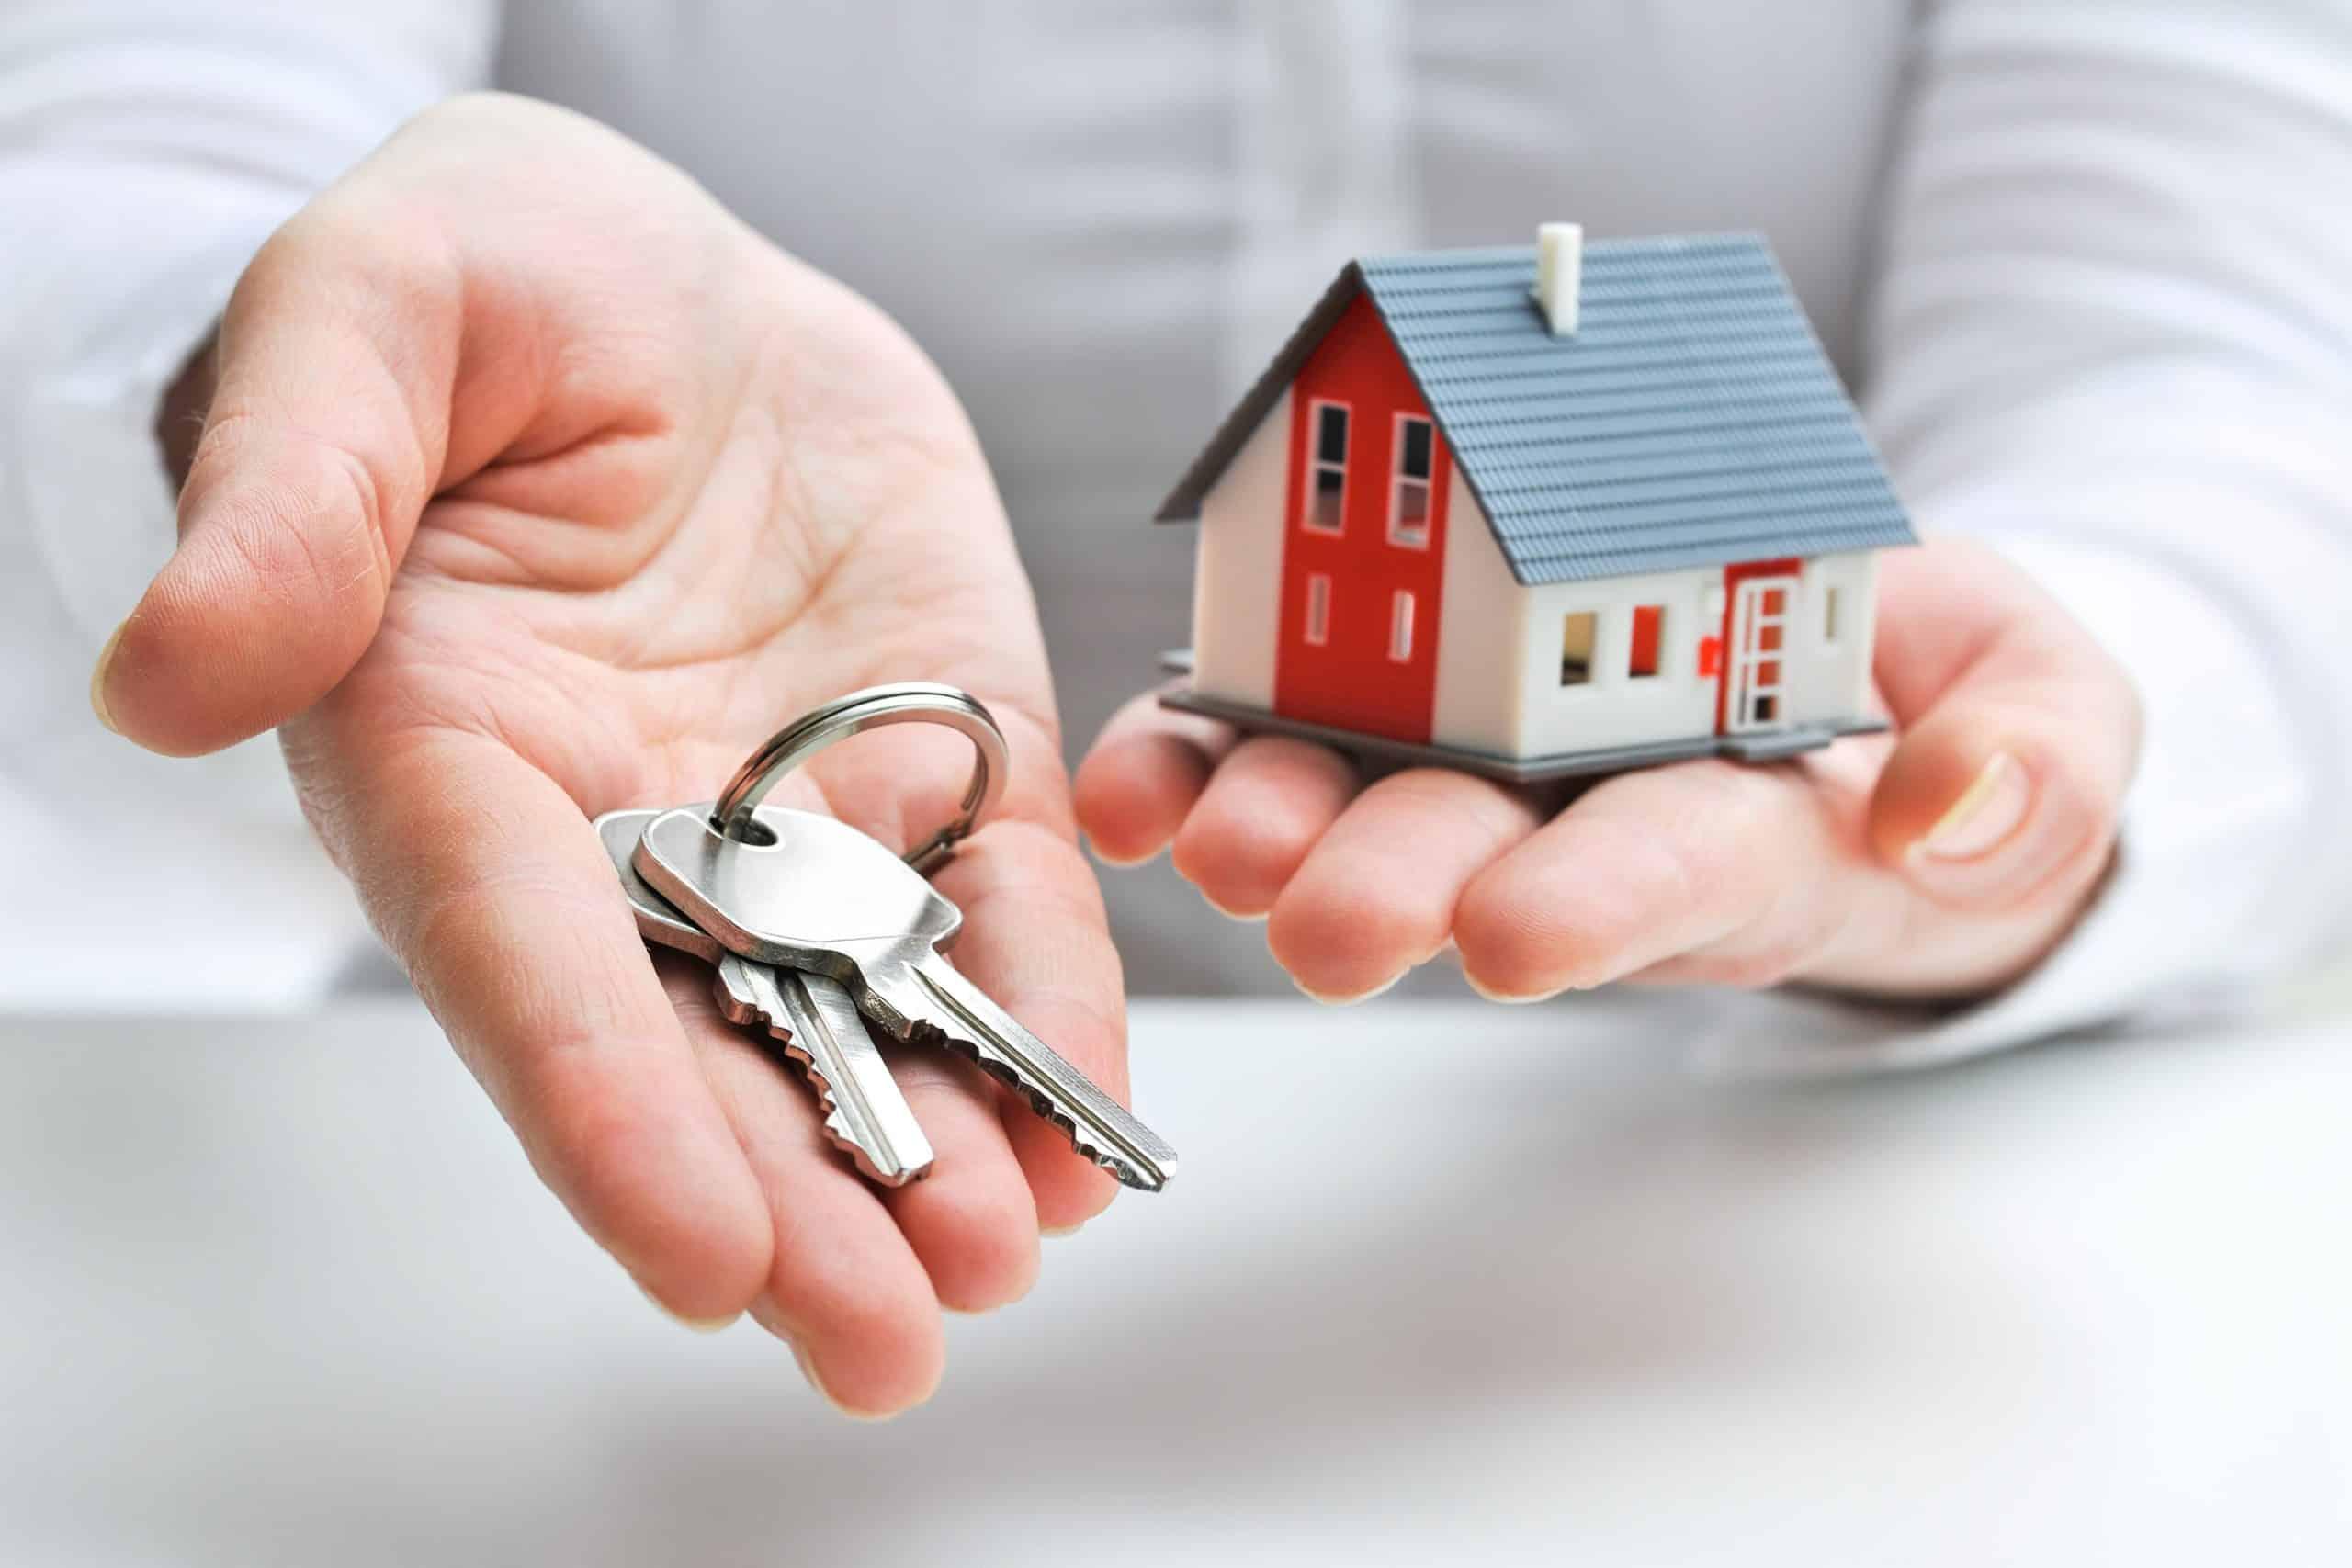 Remise des clés par une agence immobilière